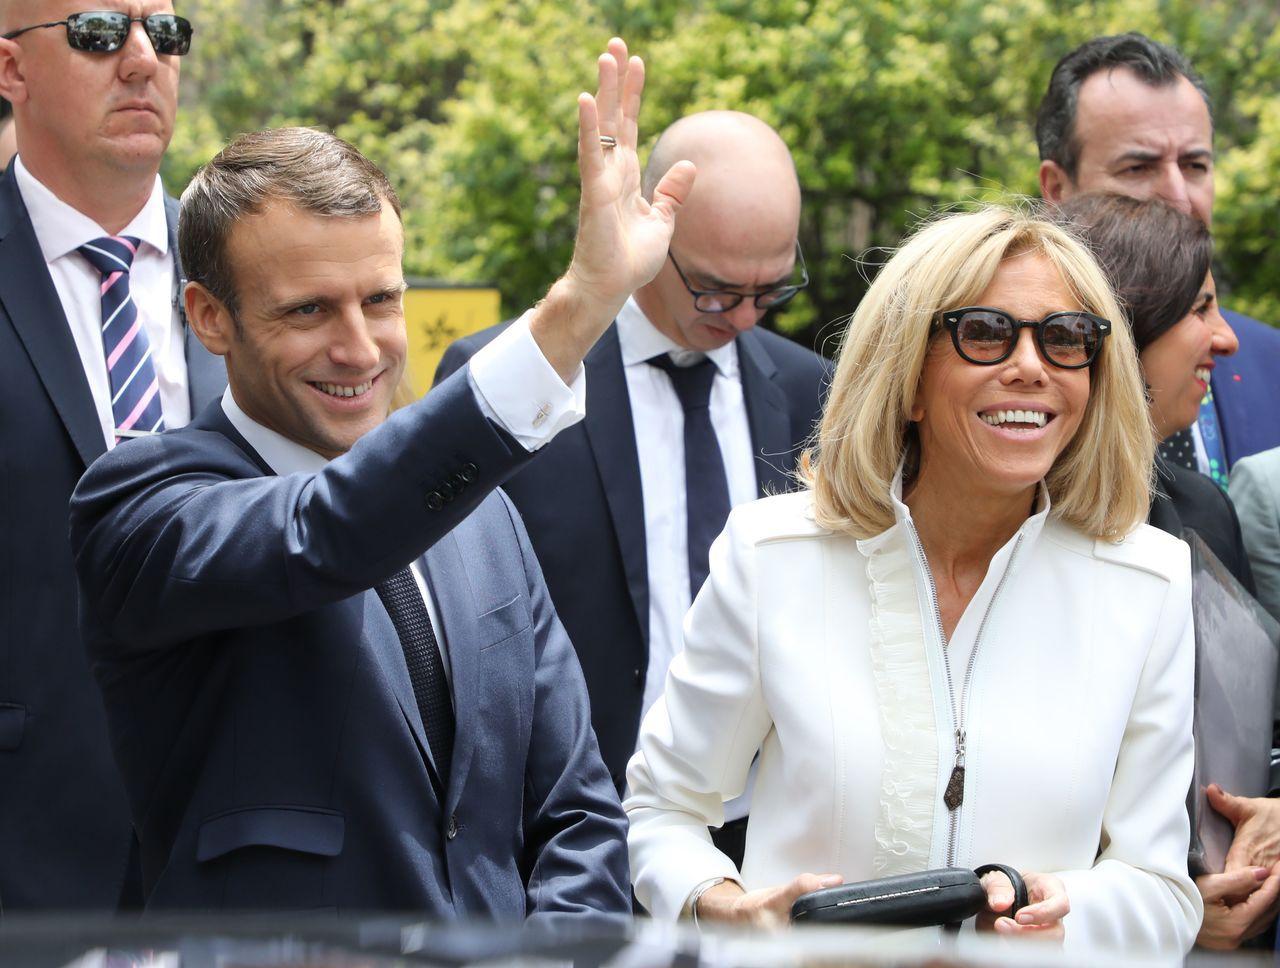 法國總統馬克宏(左)與妻子布莉姬(右)最近在國內引起很大的爭議。